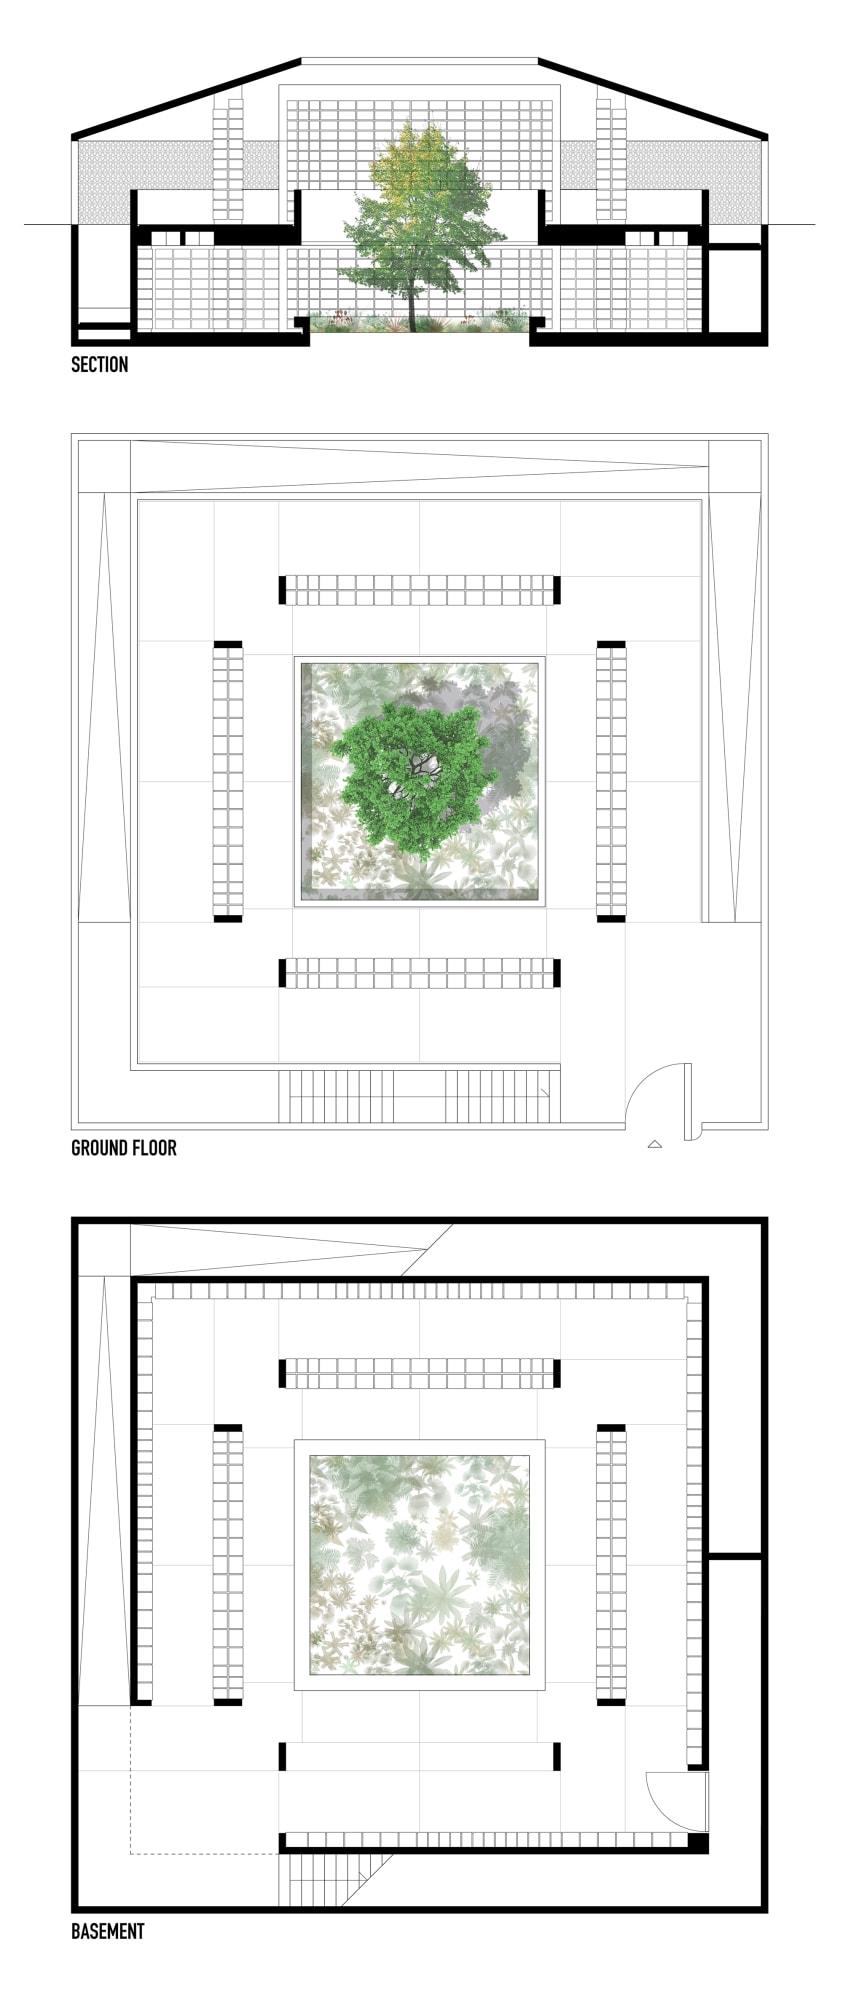 CN10ARCHITETTI · Concorso d'idee per la progettazione del ...